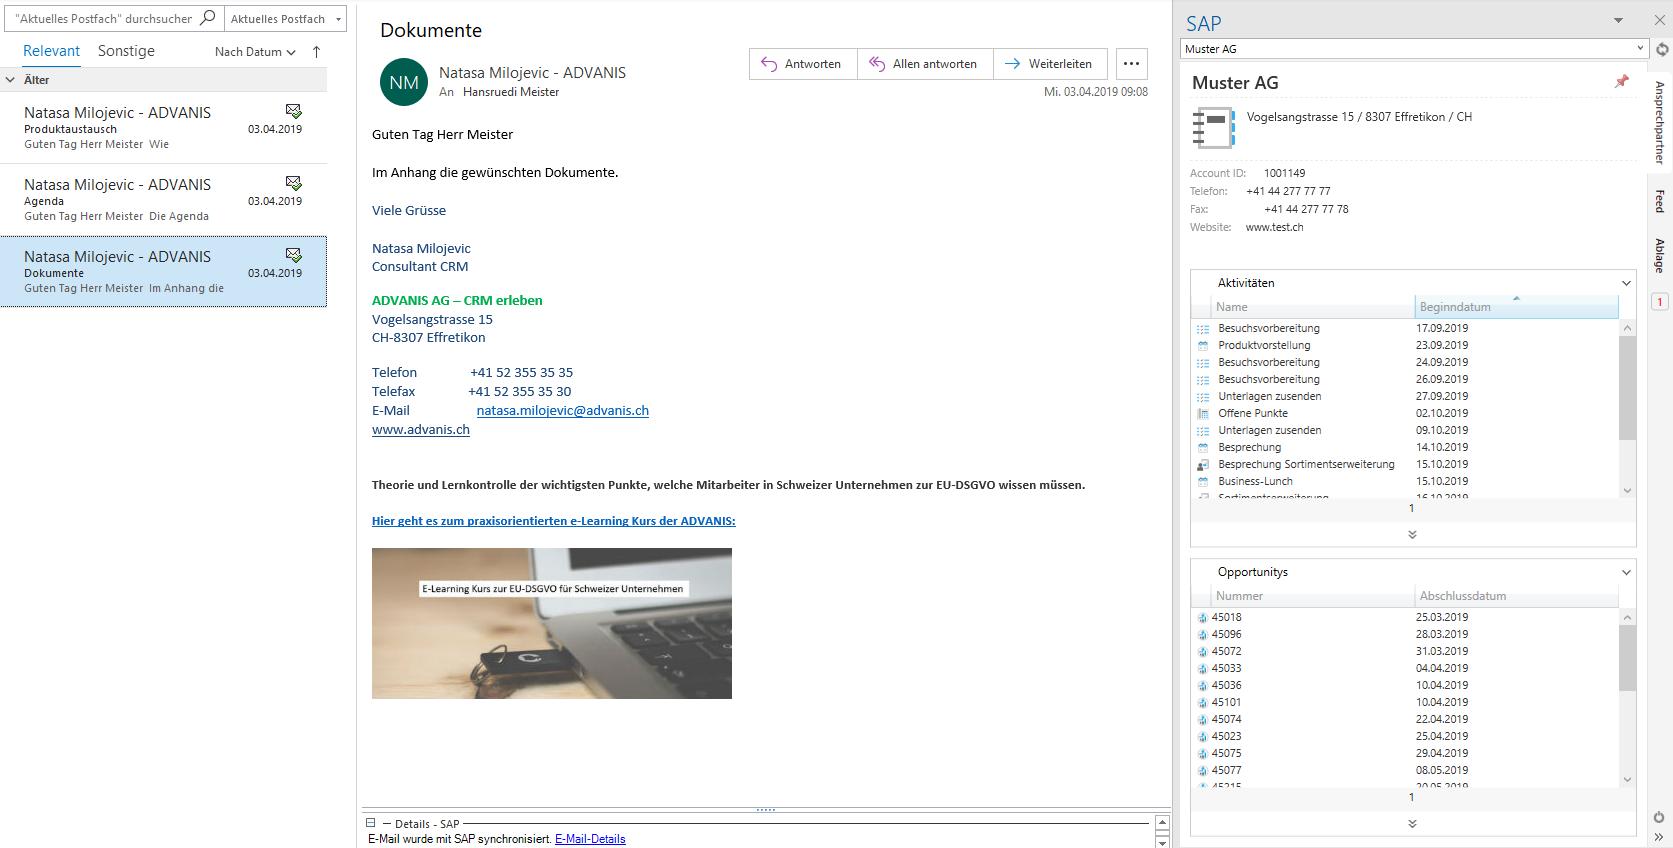 Darstellung des E-Mail-Postfachs in der SAP Sales Cloud mit Outlook